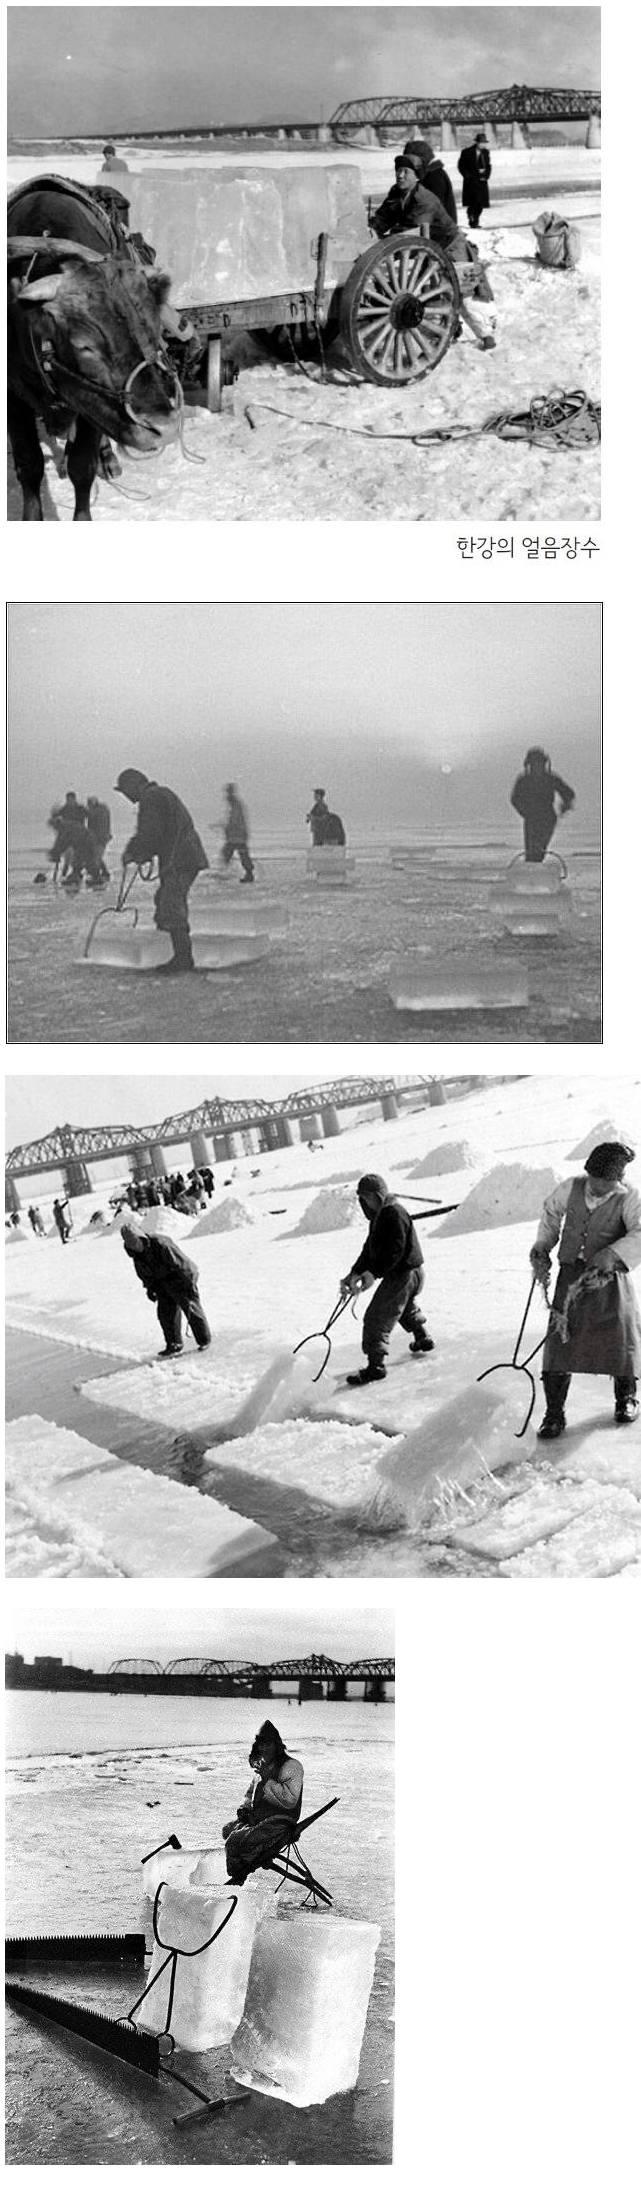 옛날 한강의 얼음장수들.jpg | 인스티즈